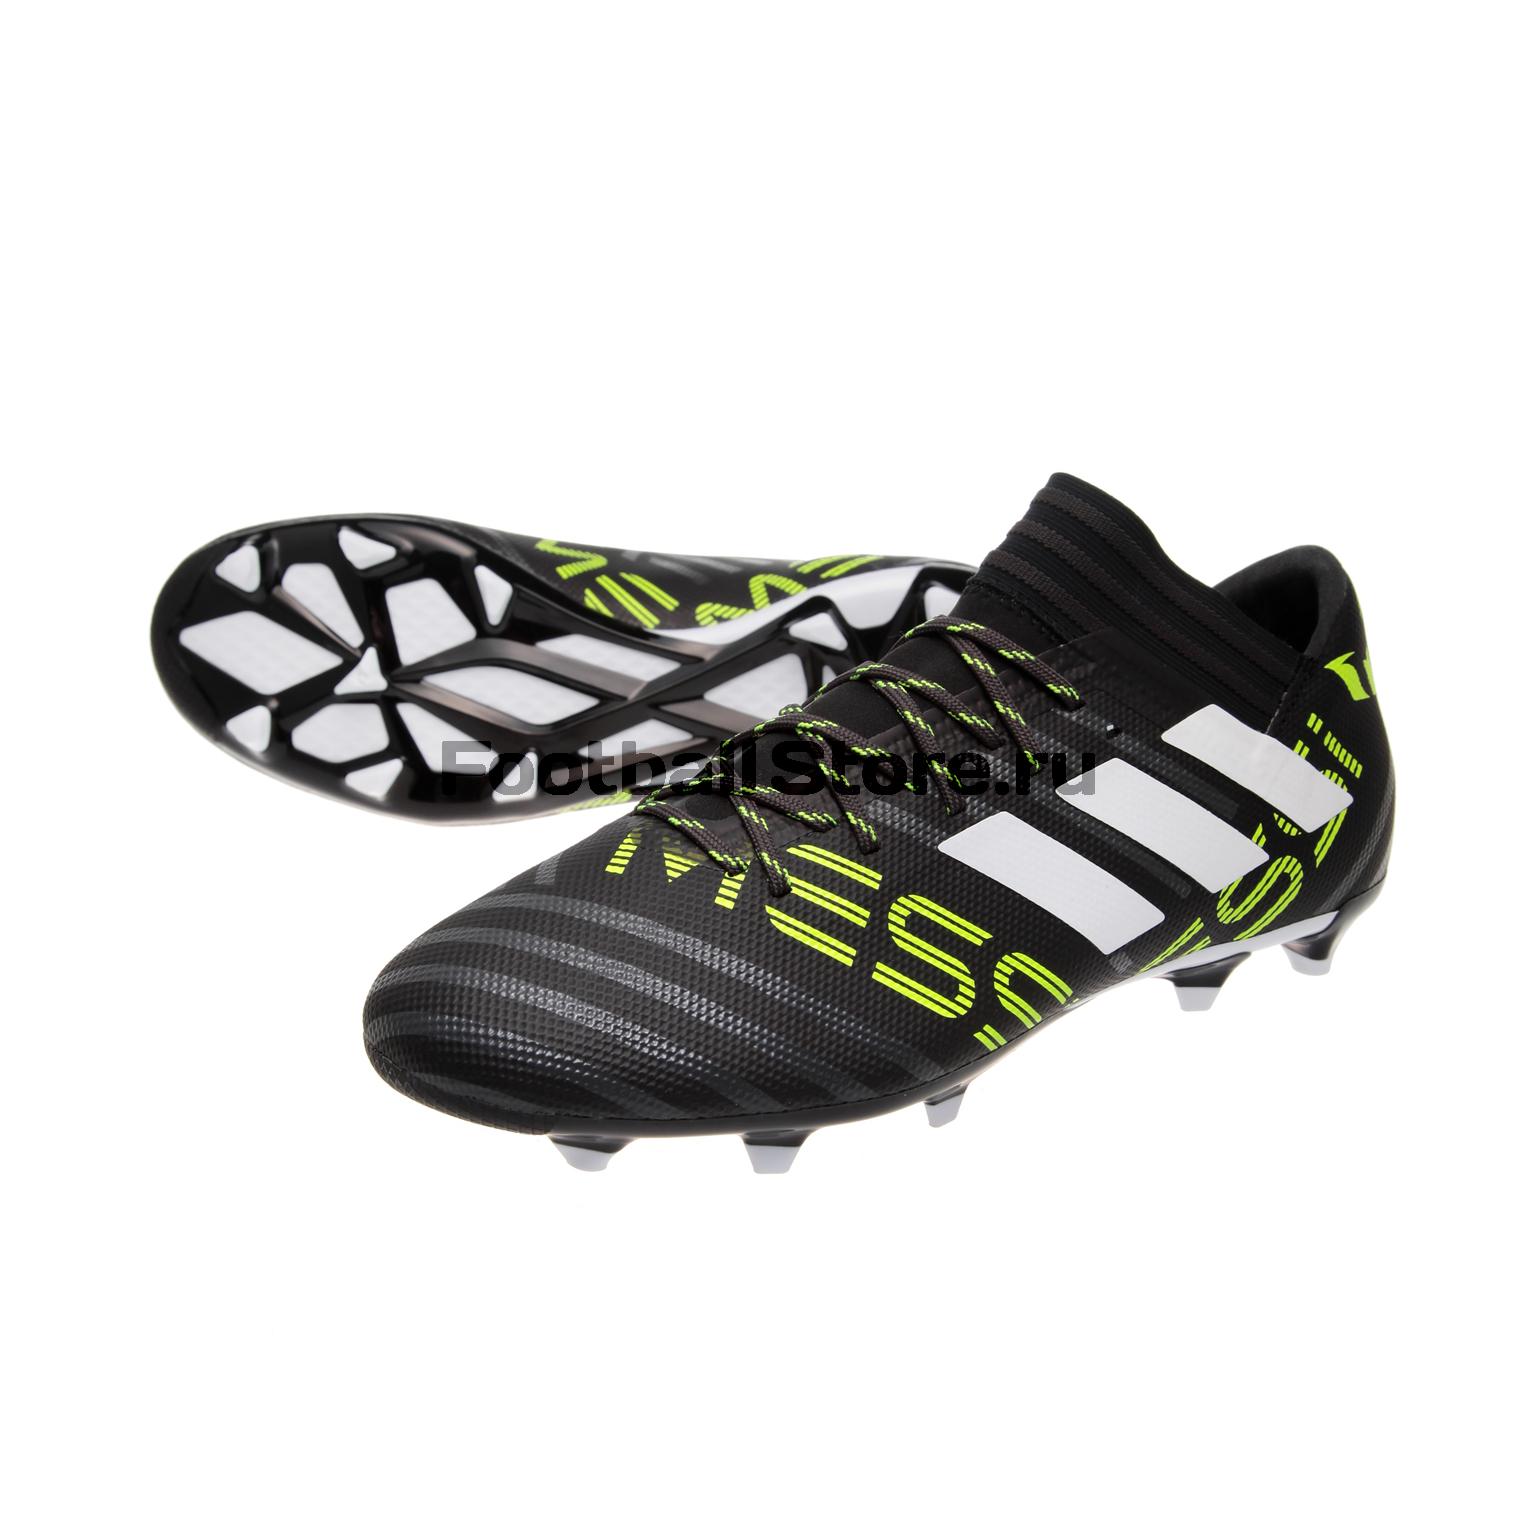 Игровые бутсы Adidas Бутсы Adidas Nemeziz Messi 17.3 FG BY2413